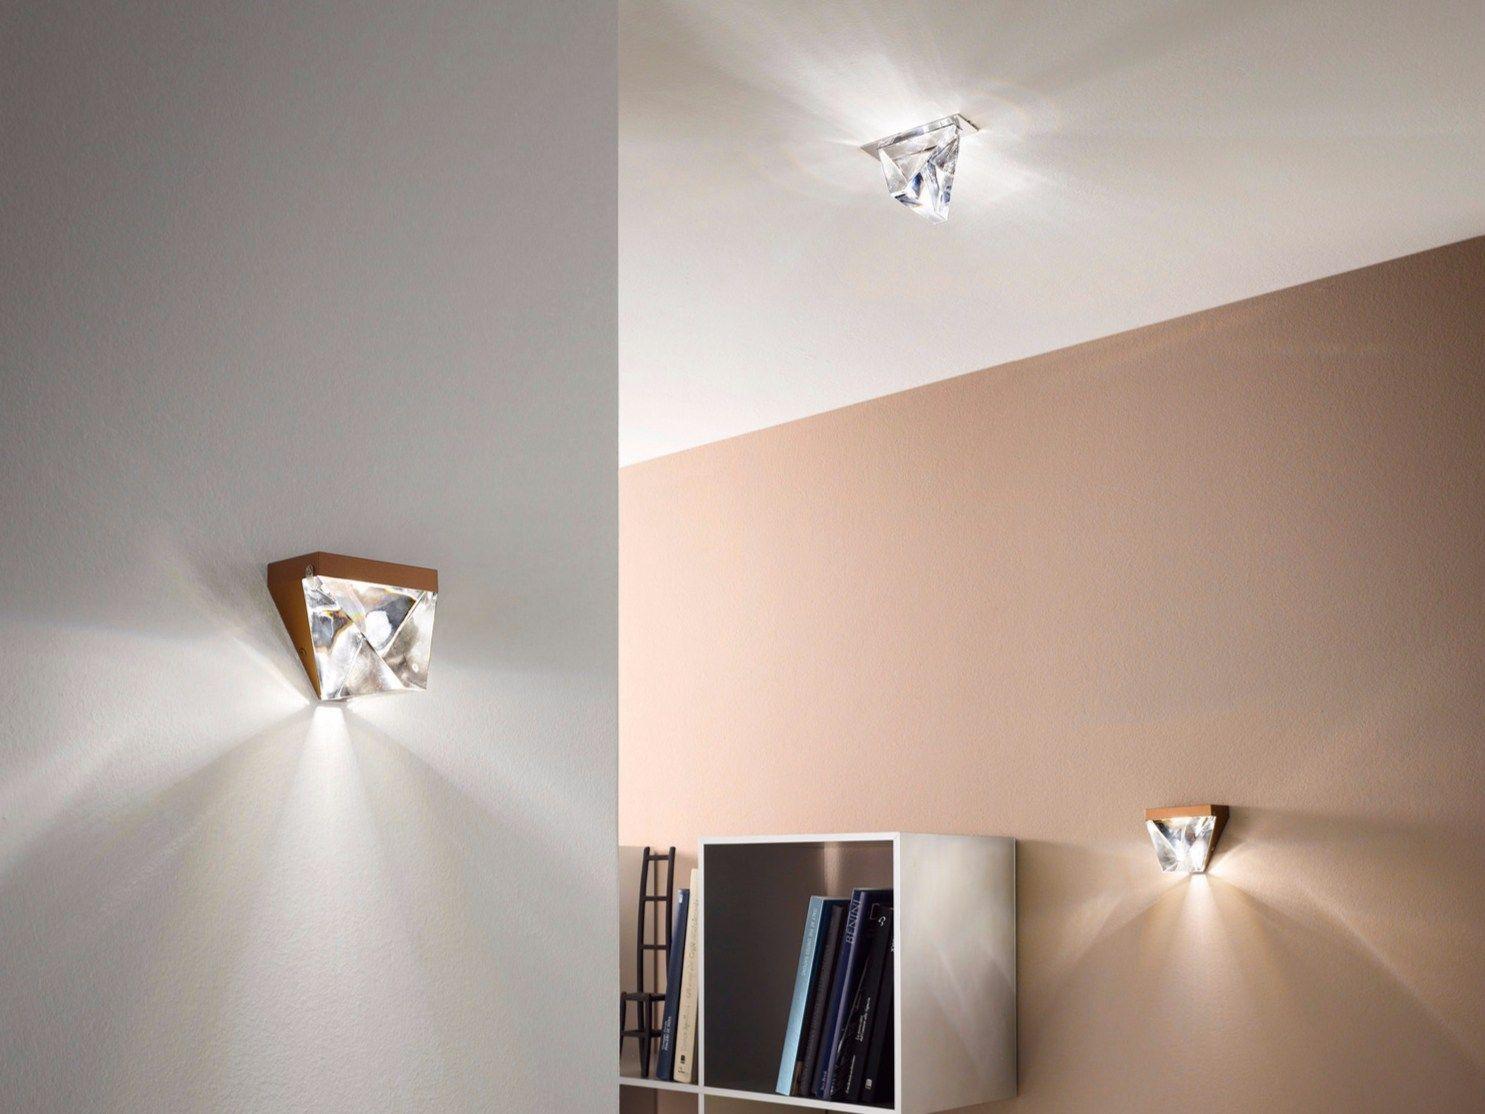 Lampada In Rame Design : Color trend il ritorno di rame bronzo e ottone